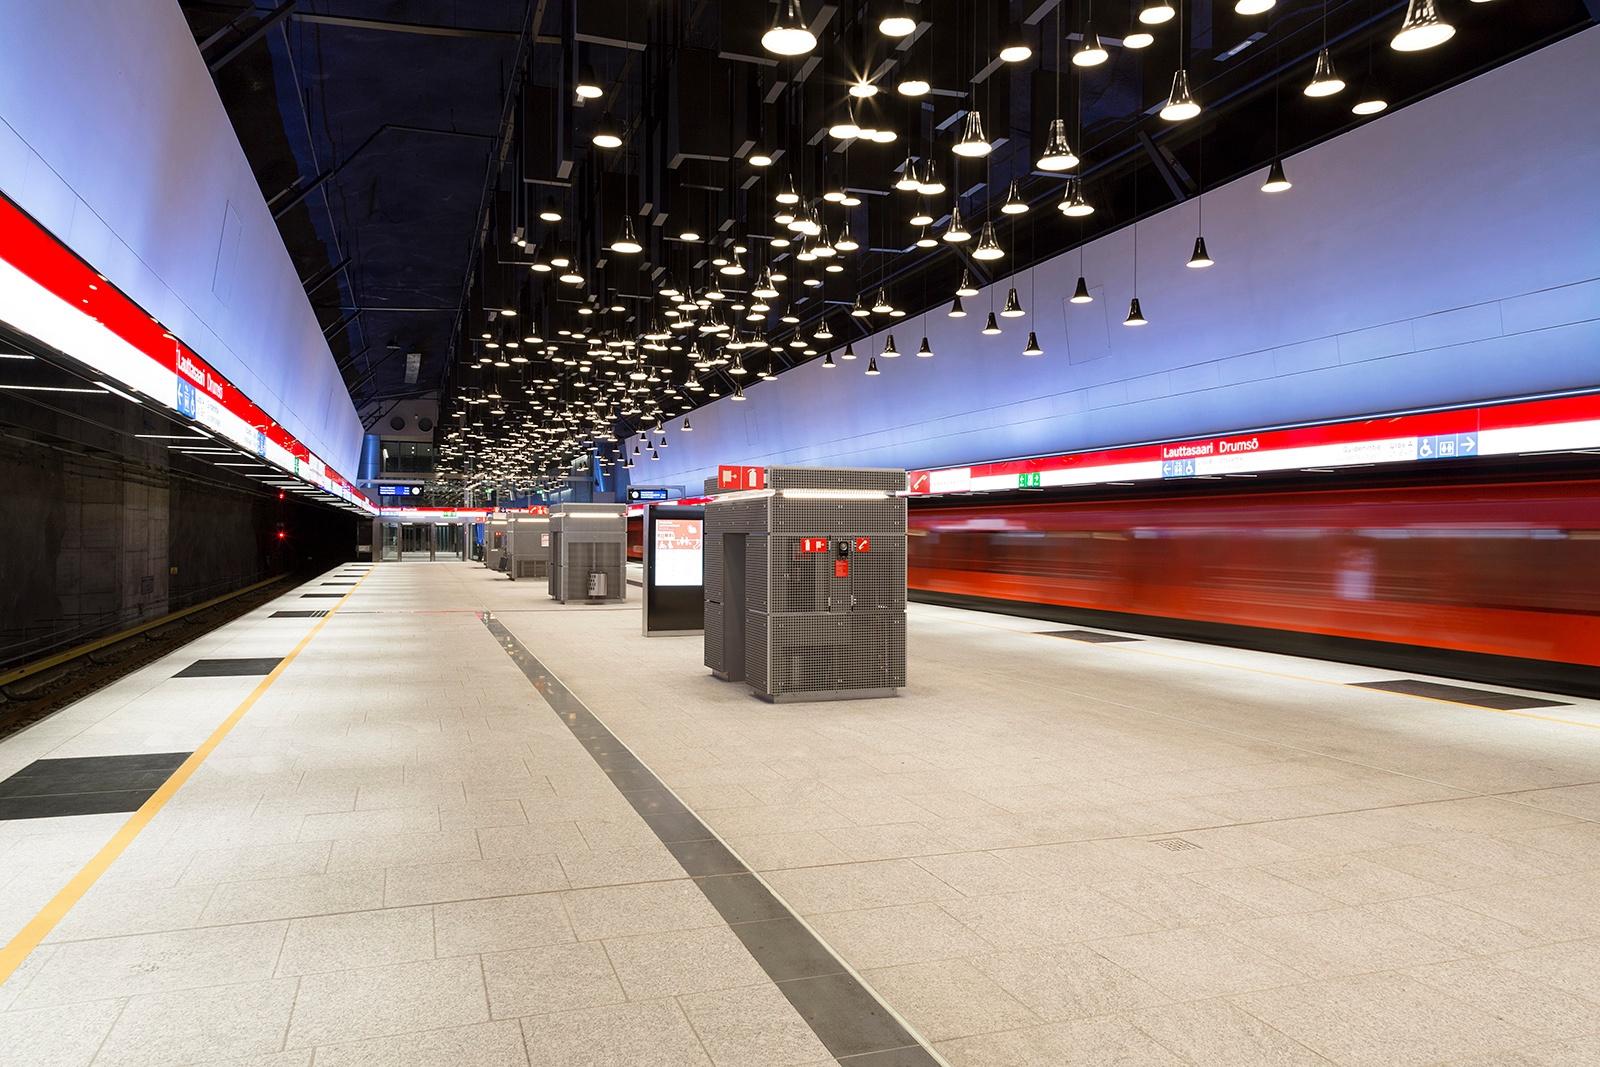 Helsinki+Metro+Station+Lauttasaari+by+Petri+Vuorio_1600